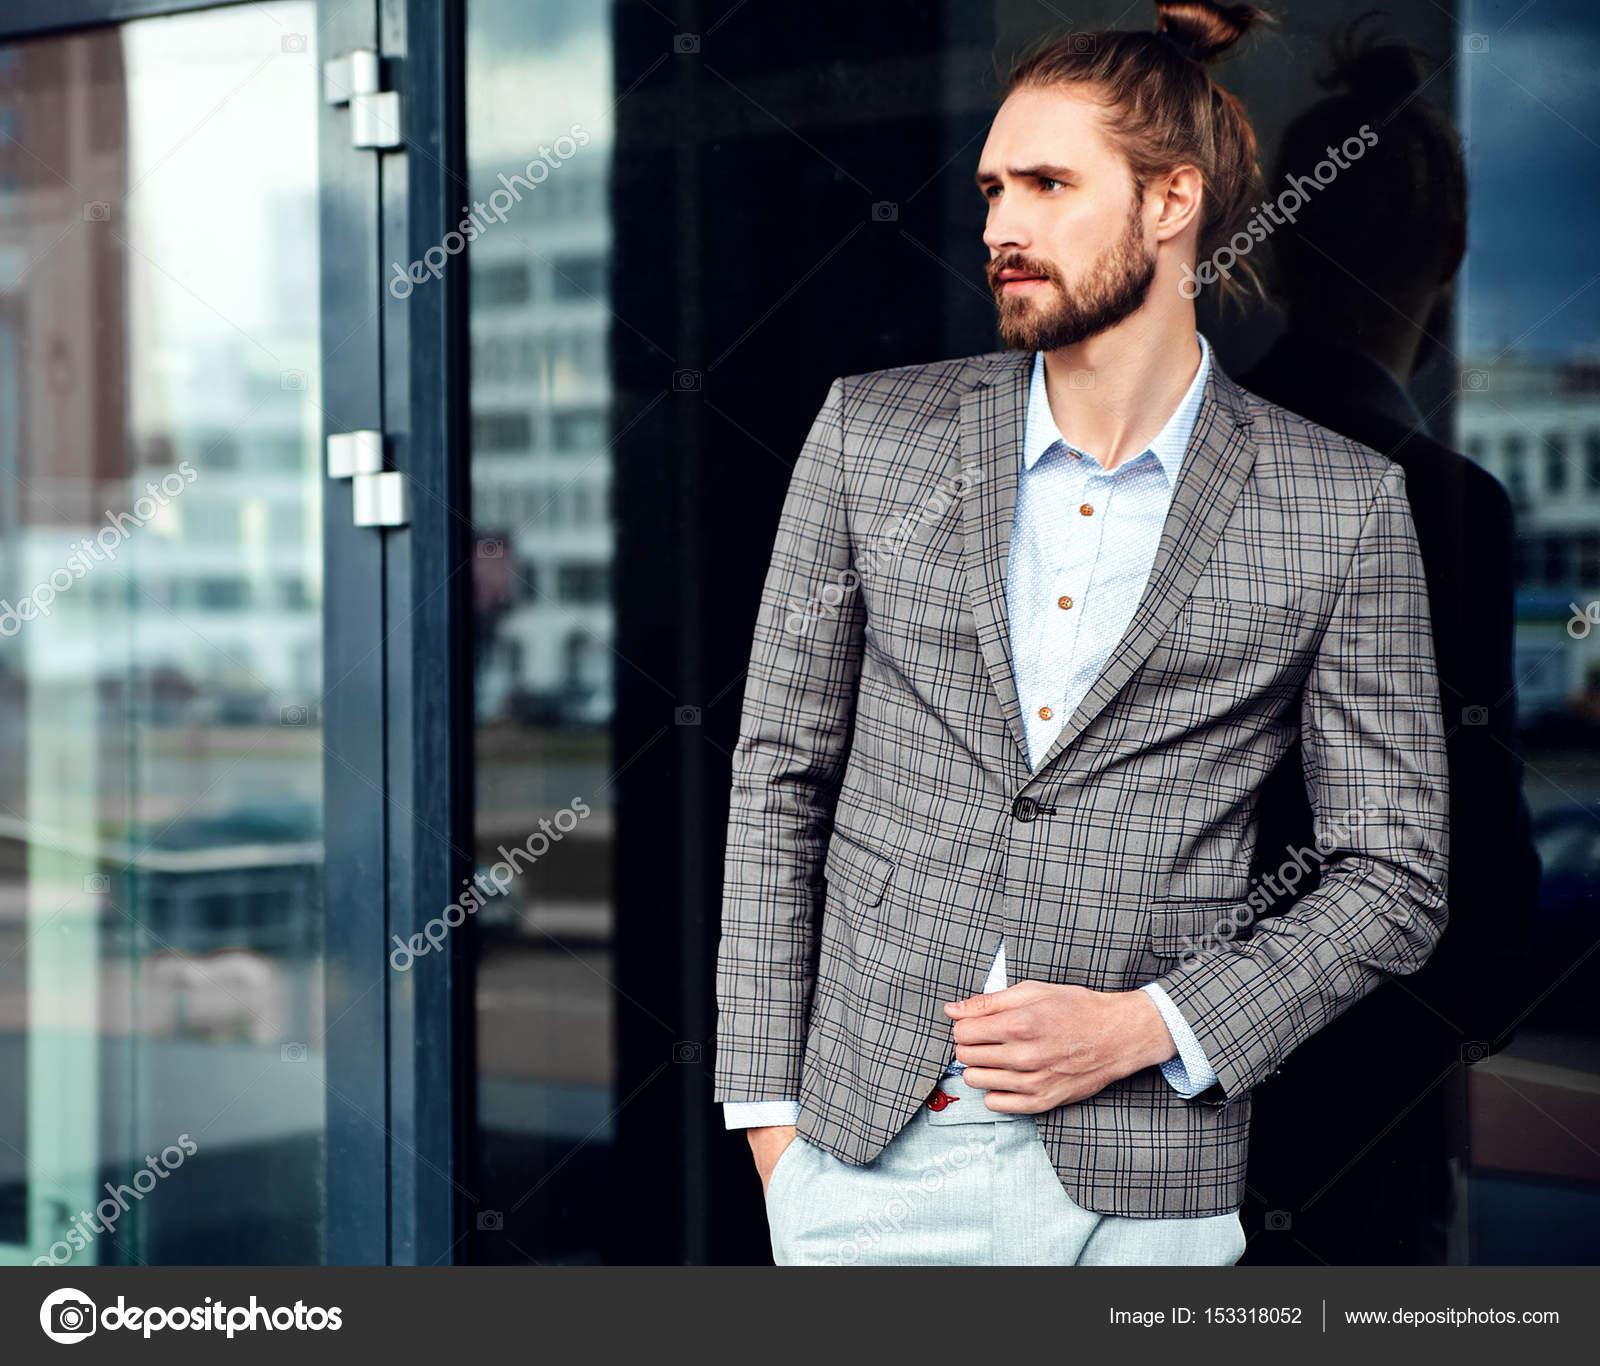 ce3dd97250917 Seksi yakışıklı moda erkek model adam portresi şık kareli takım elbise  giymiş — alexhalay ...